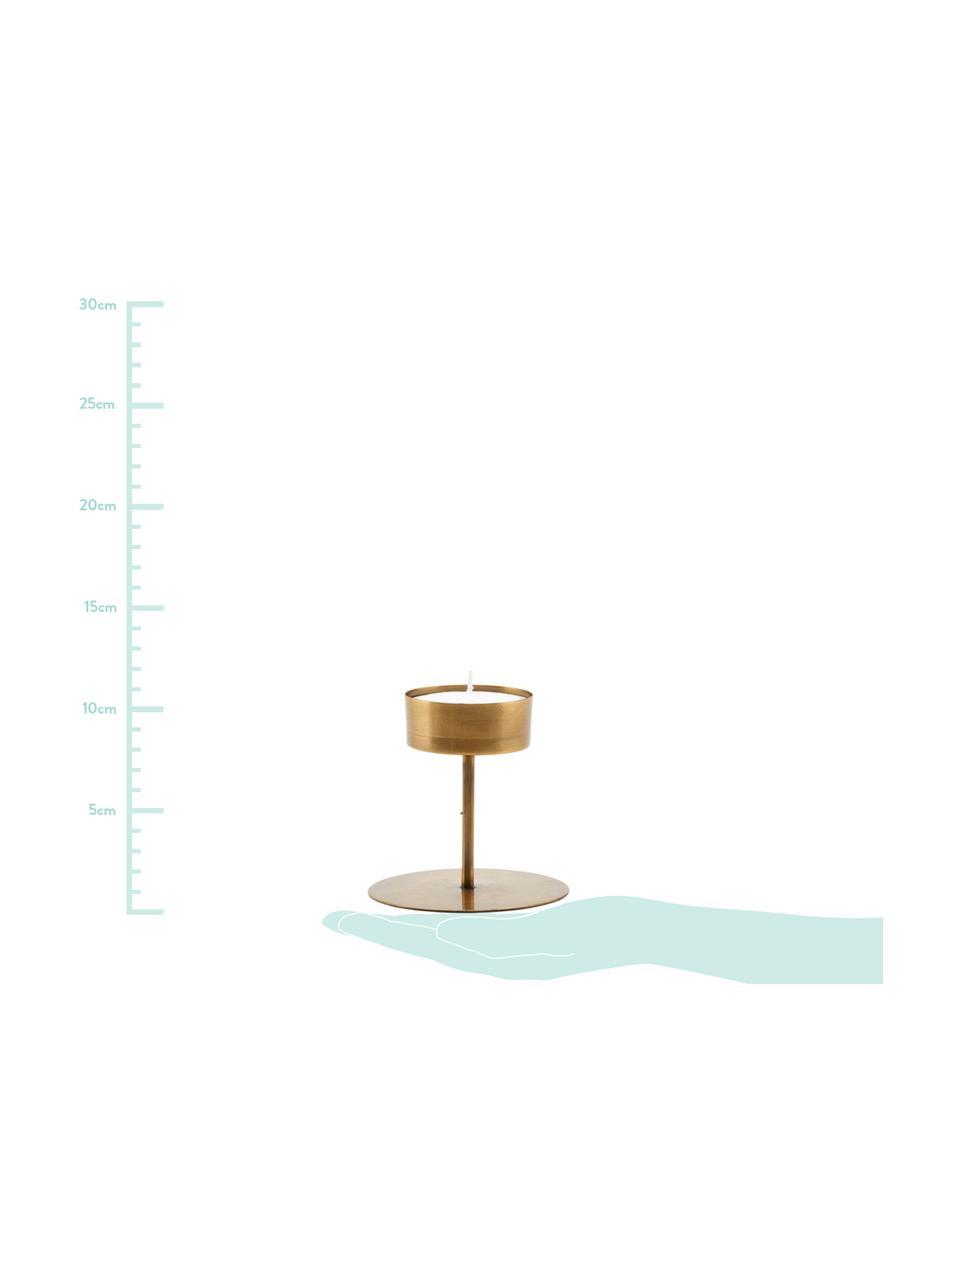 Kandelaar Anit, Gecoat metaal, Messingkleurig, Ø 11 x H 10 cm